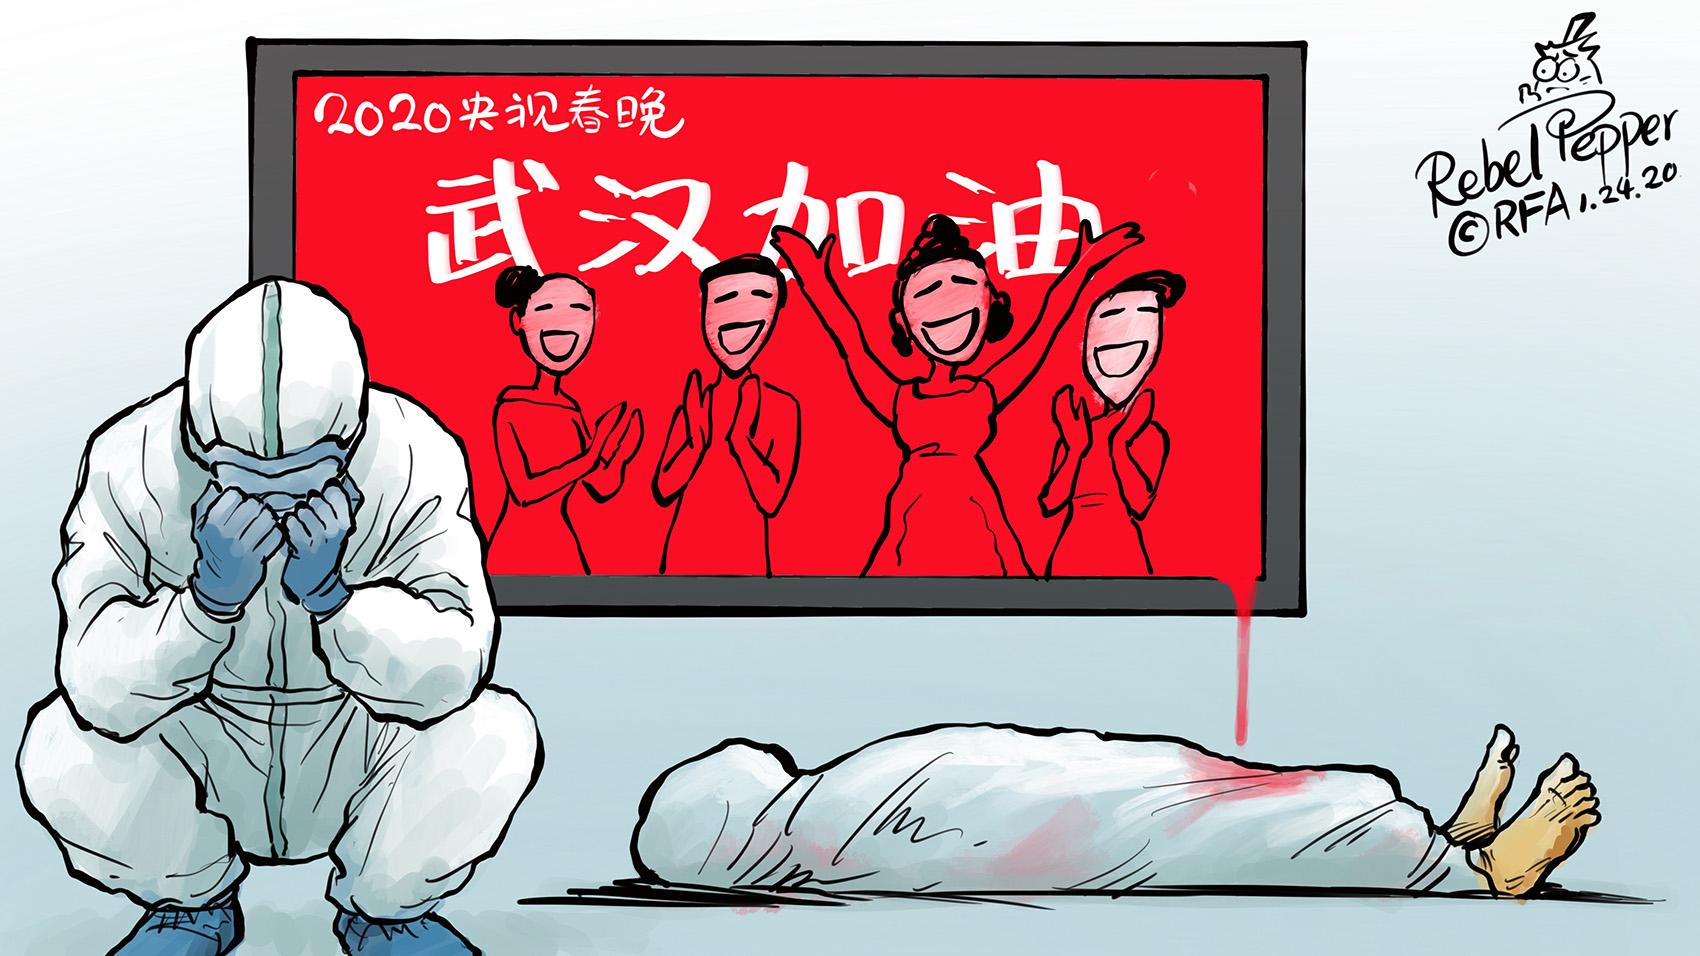 武汉肺炎疫情严重,北京照样歌舞升平。(变态辣椒)